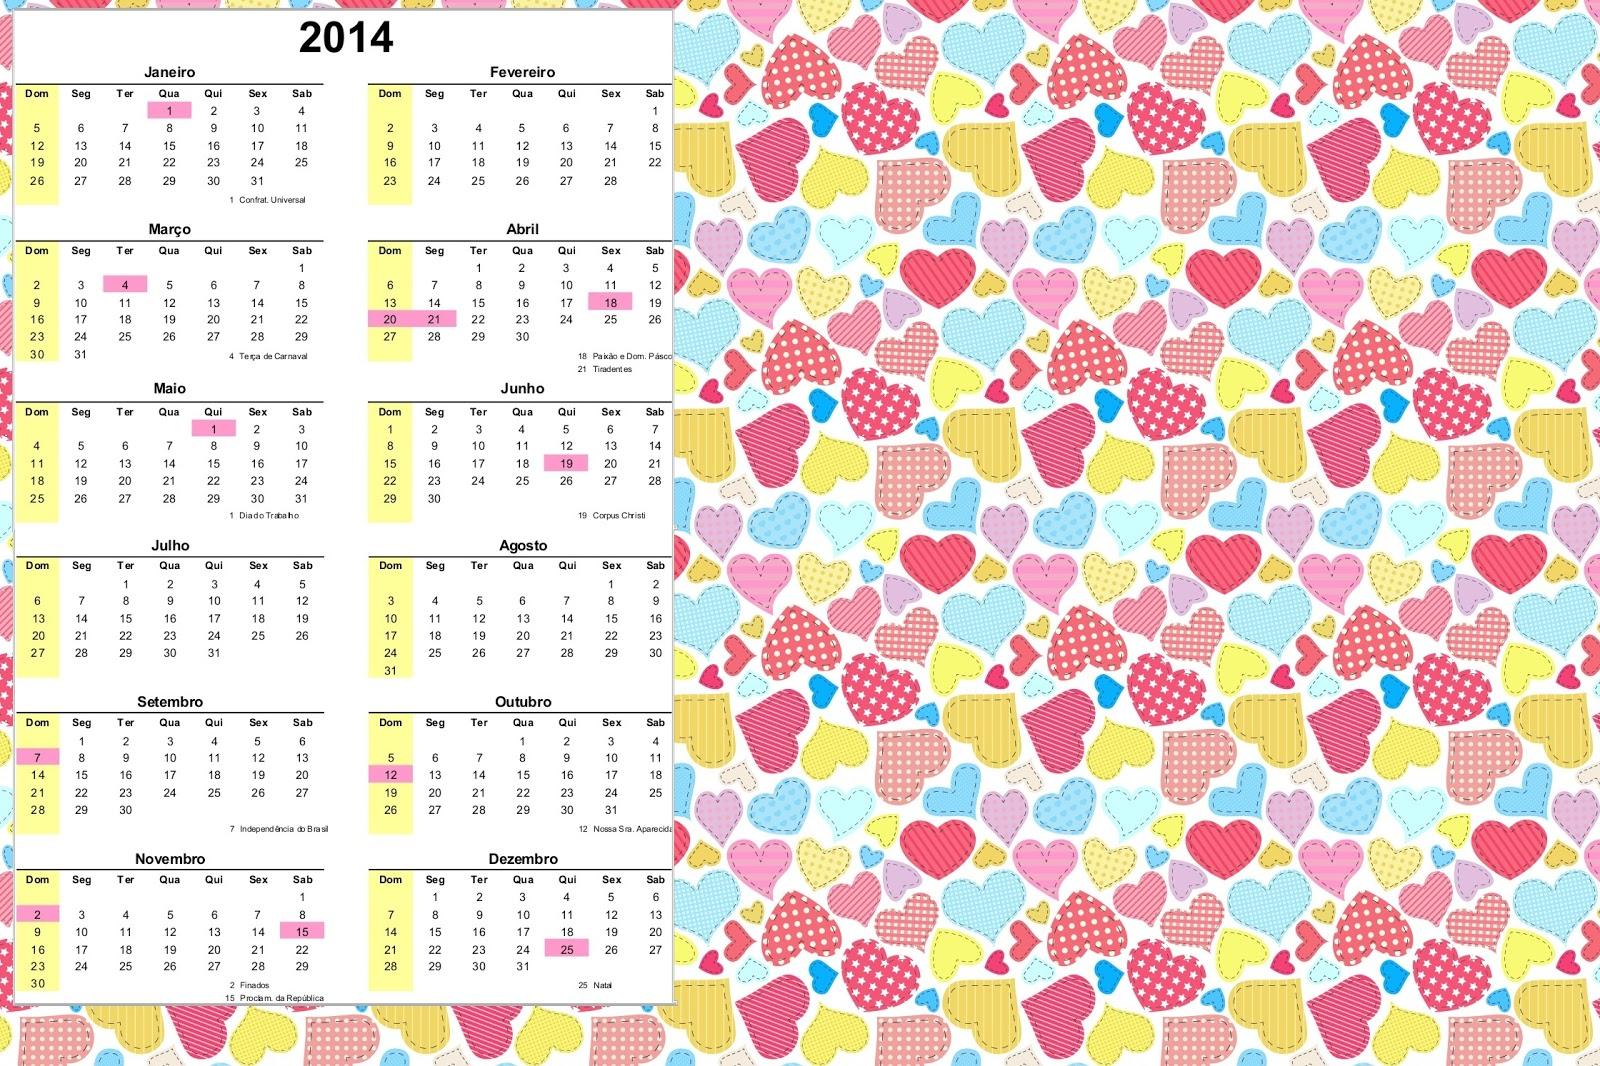 Calendario 2014 Imprimir Calendário 2014 Para Imprimir